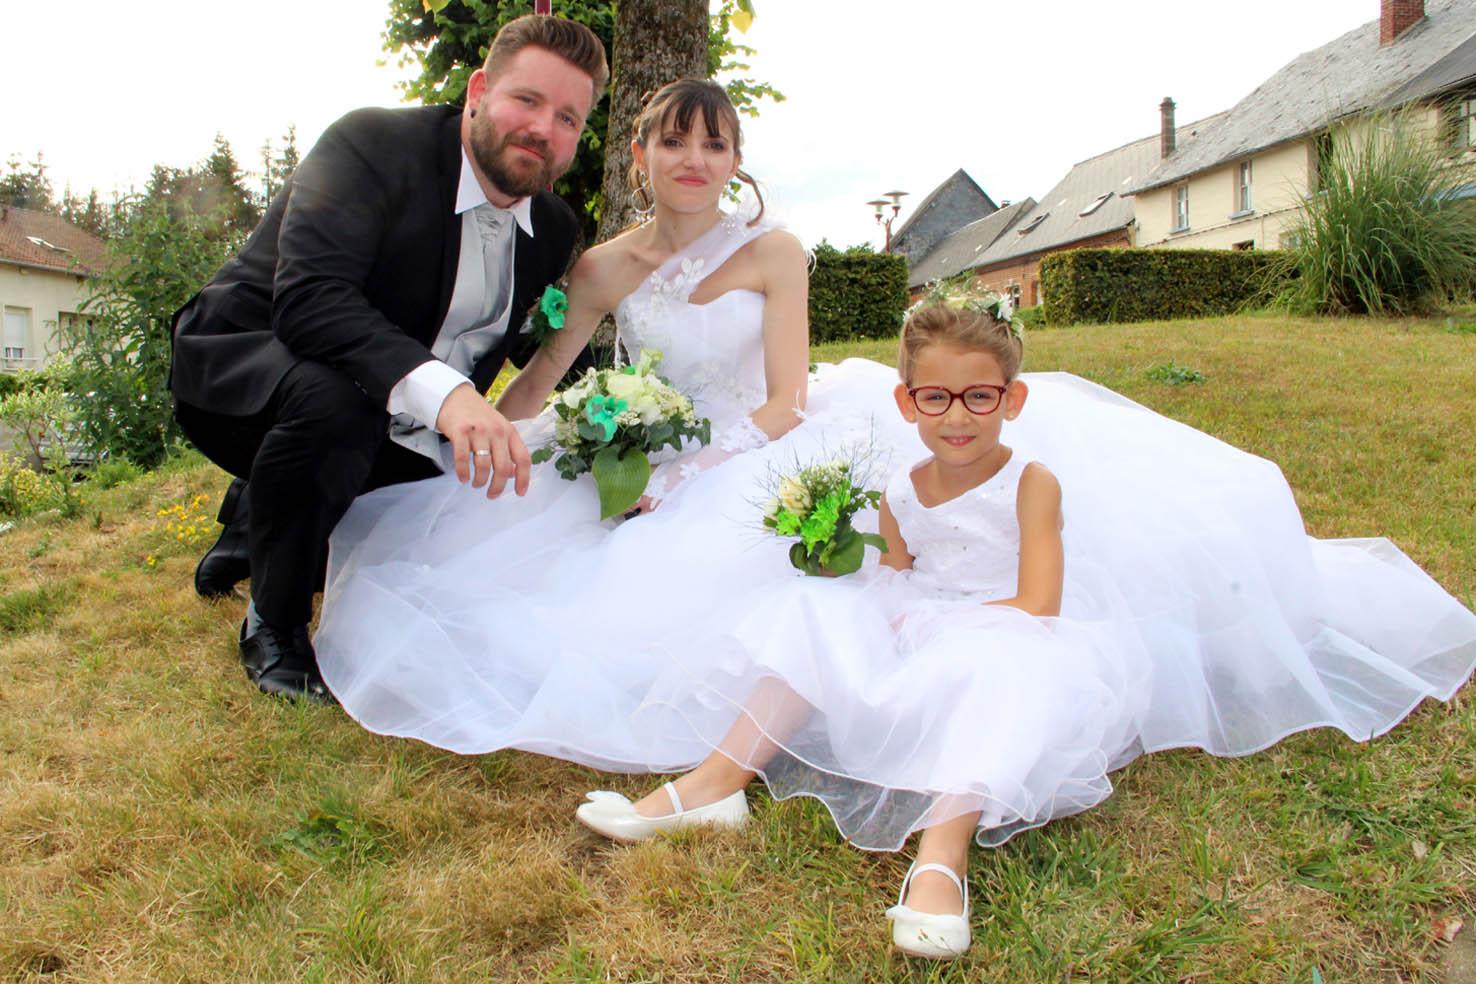 Le mariage d'Amélie et Yohan est en ligne